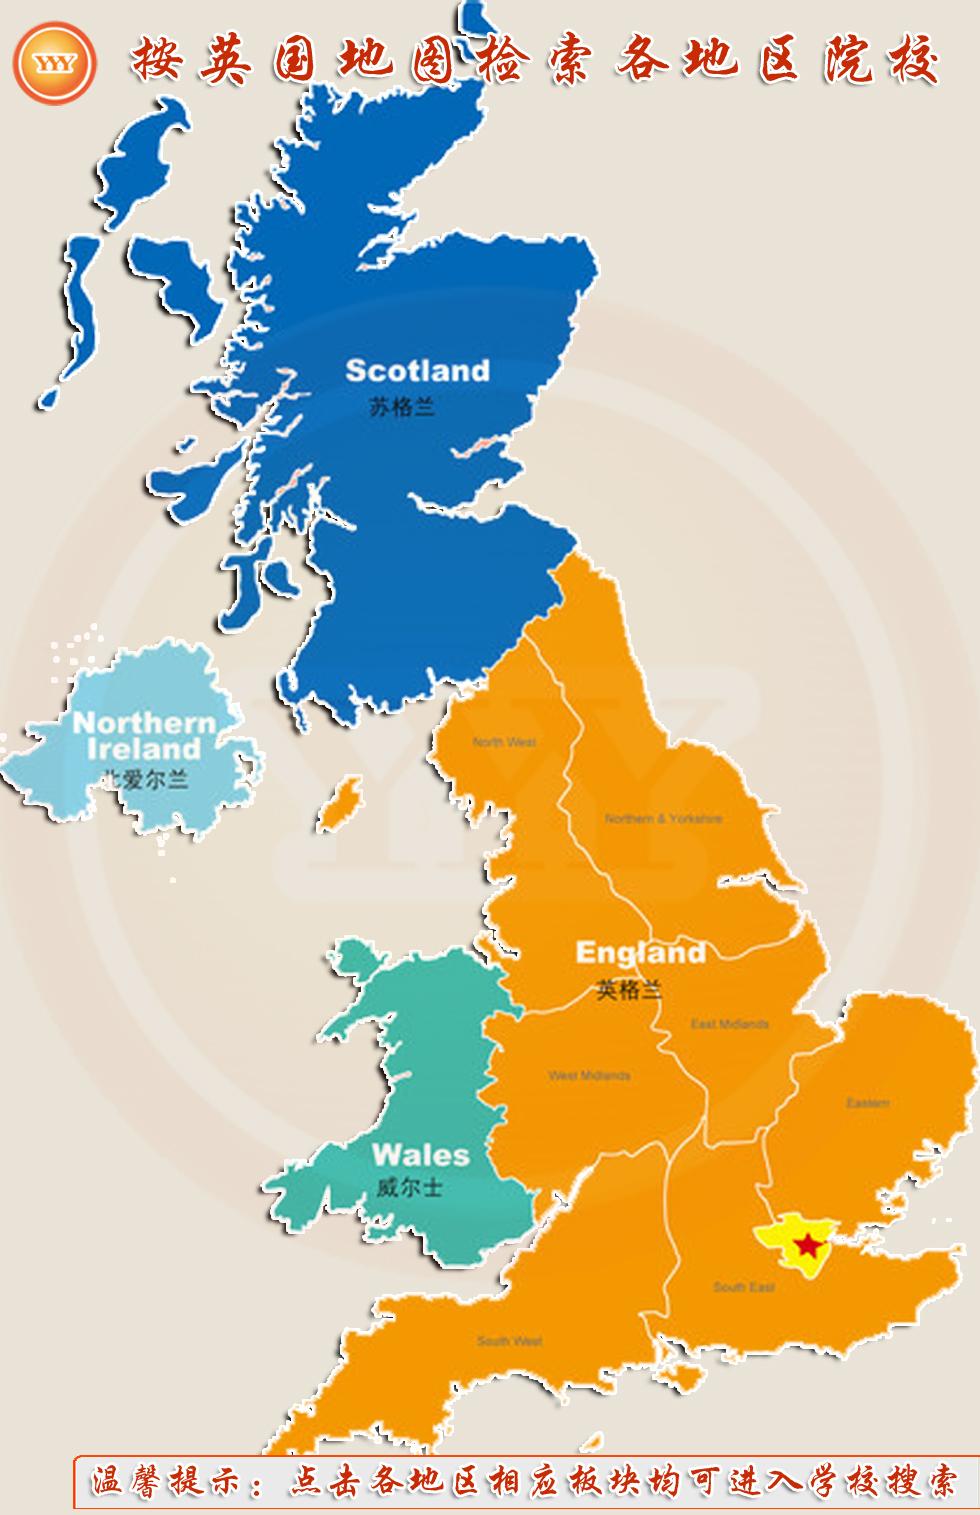 英国地图; 苏格兰与英格兰地图; 苏格兰独立,威尔士为什么要为难呢?